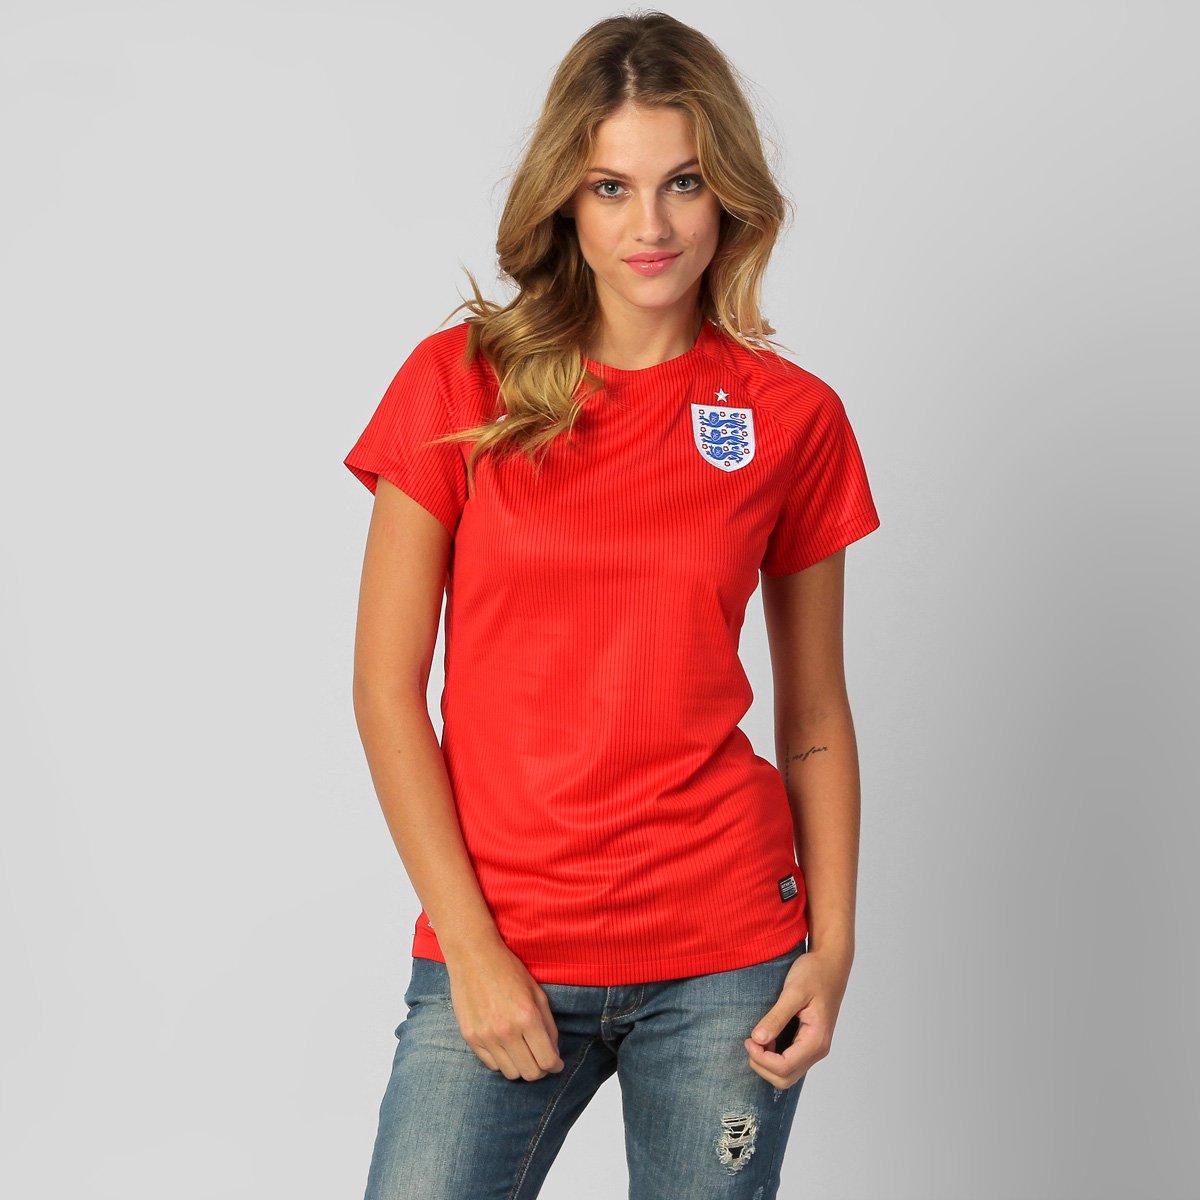 69cf6e0e2f211 Camisa Feminina Nike Seleção Inglaterra Away 2014 s nº - Compre Agora